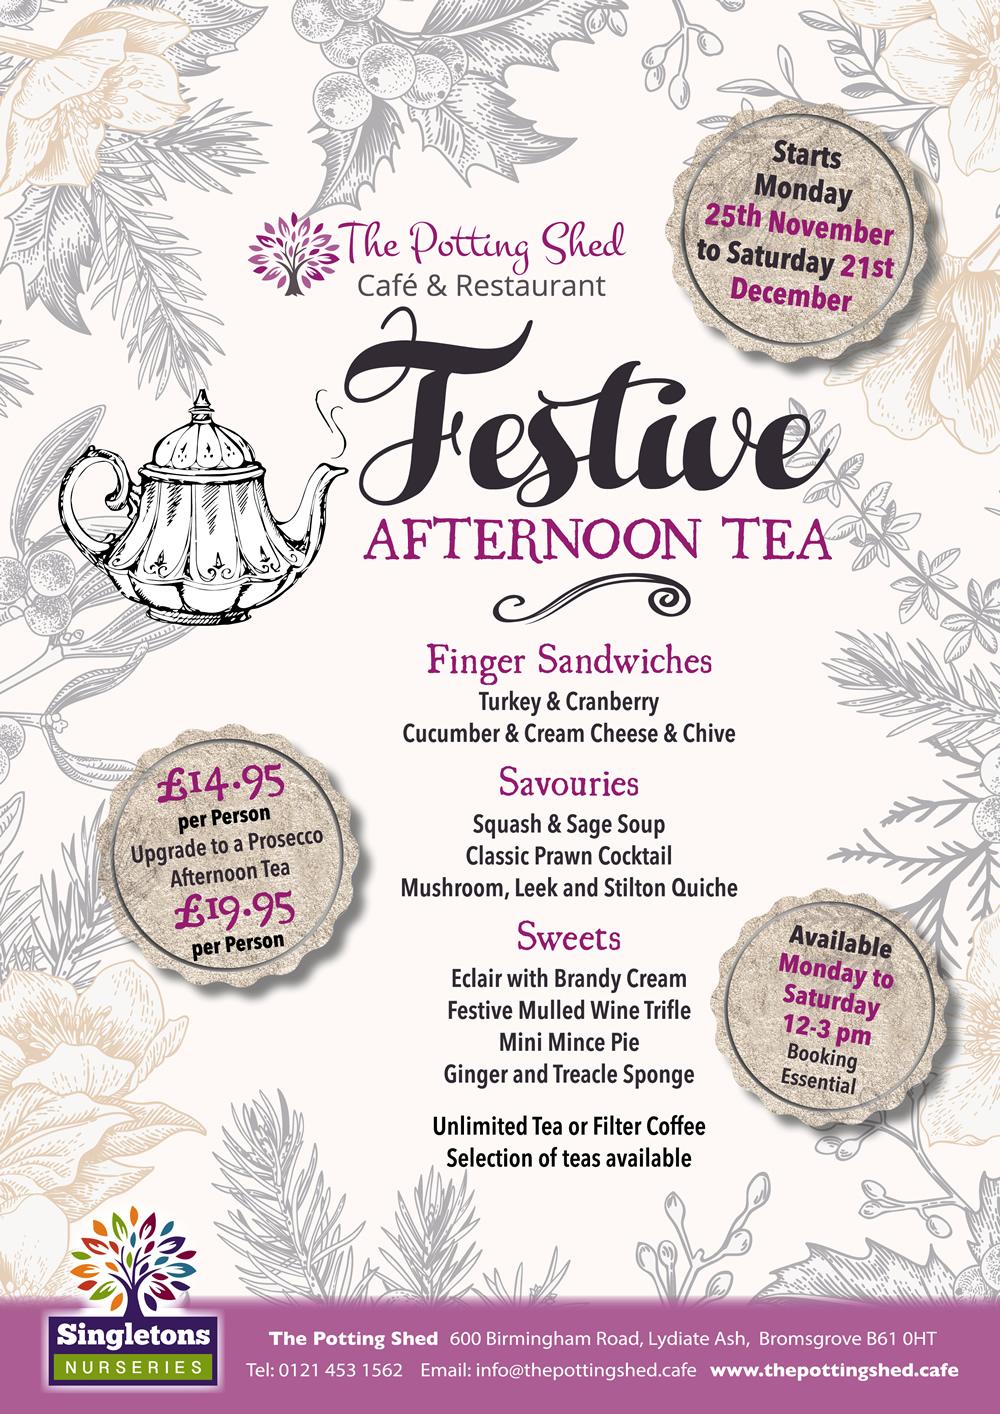 Festive Afternoon Tea Menu 2019